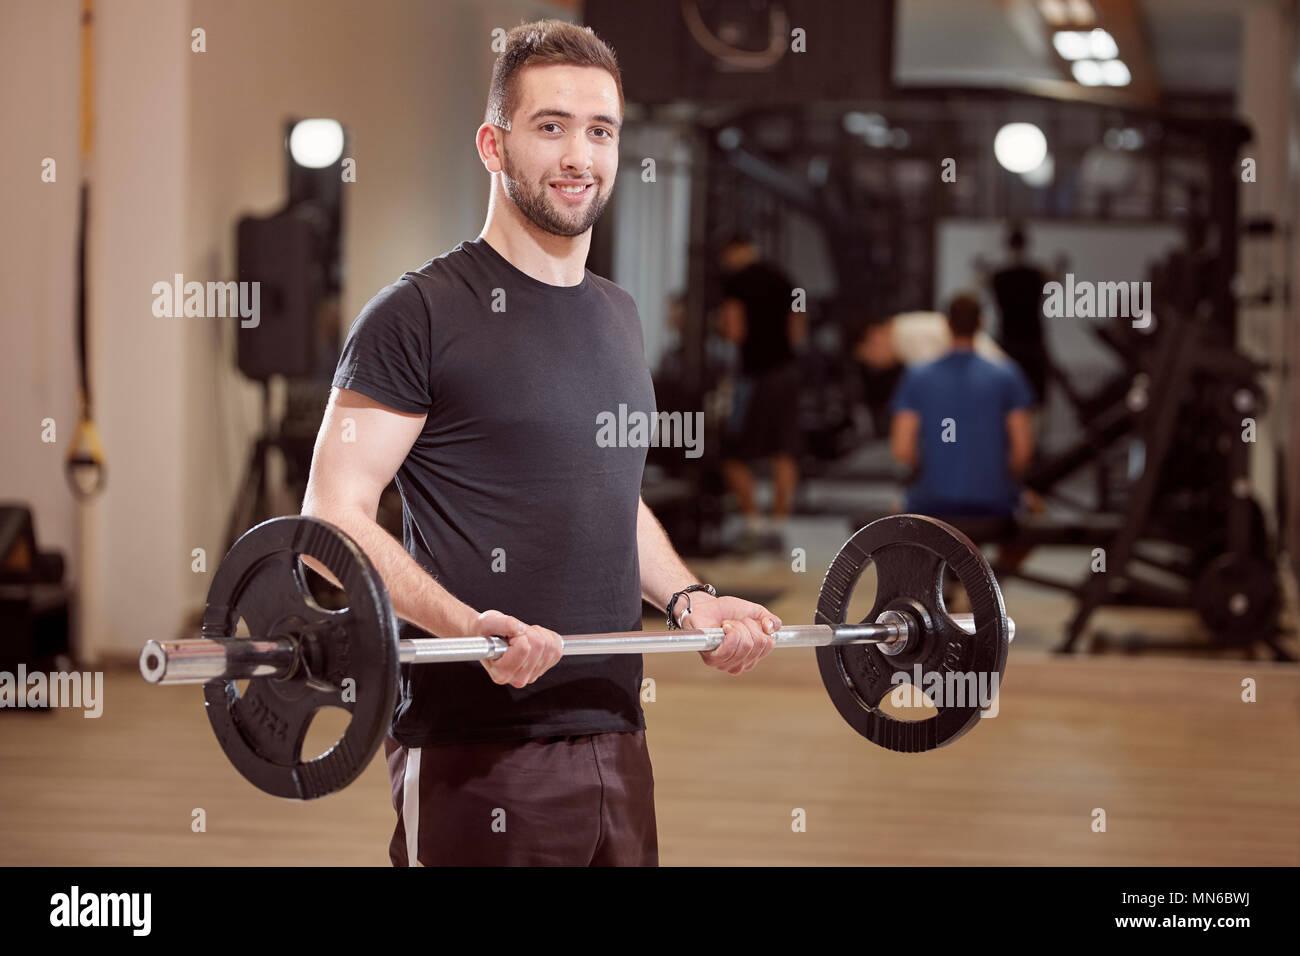 Un giovane uomo che pongono, ordinario, media cercando, tenendo barbell con pesi, esercizio in palestra. Irriconoscibile la gente dietro (al di fuori della messa a fuoco). Immagini Stock